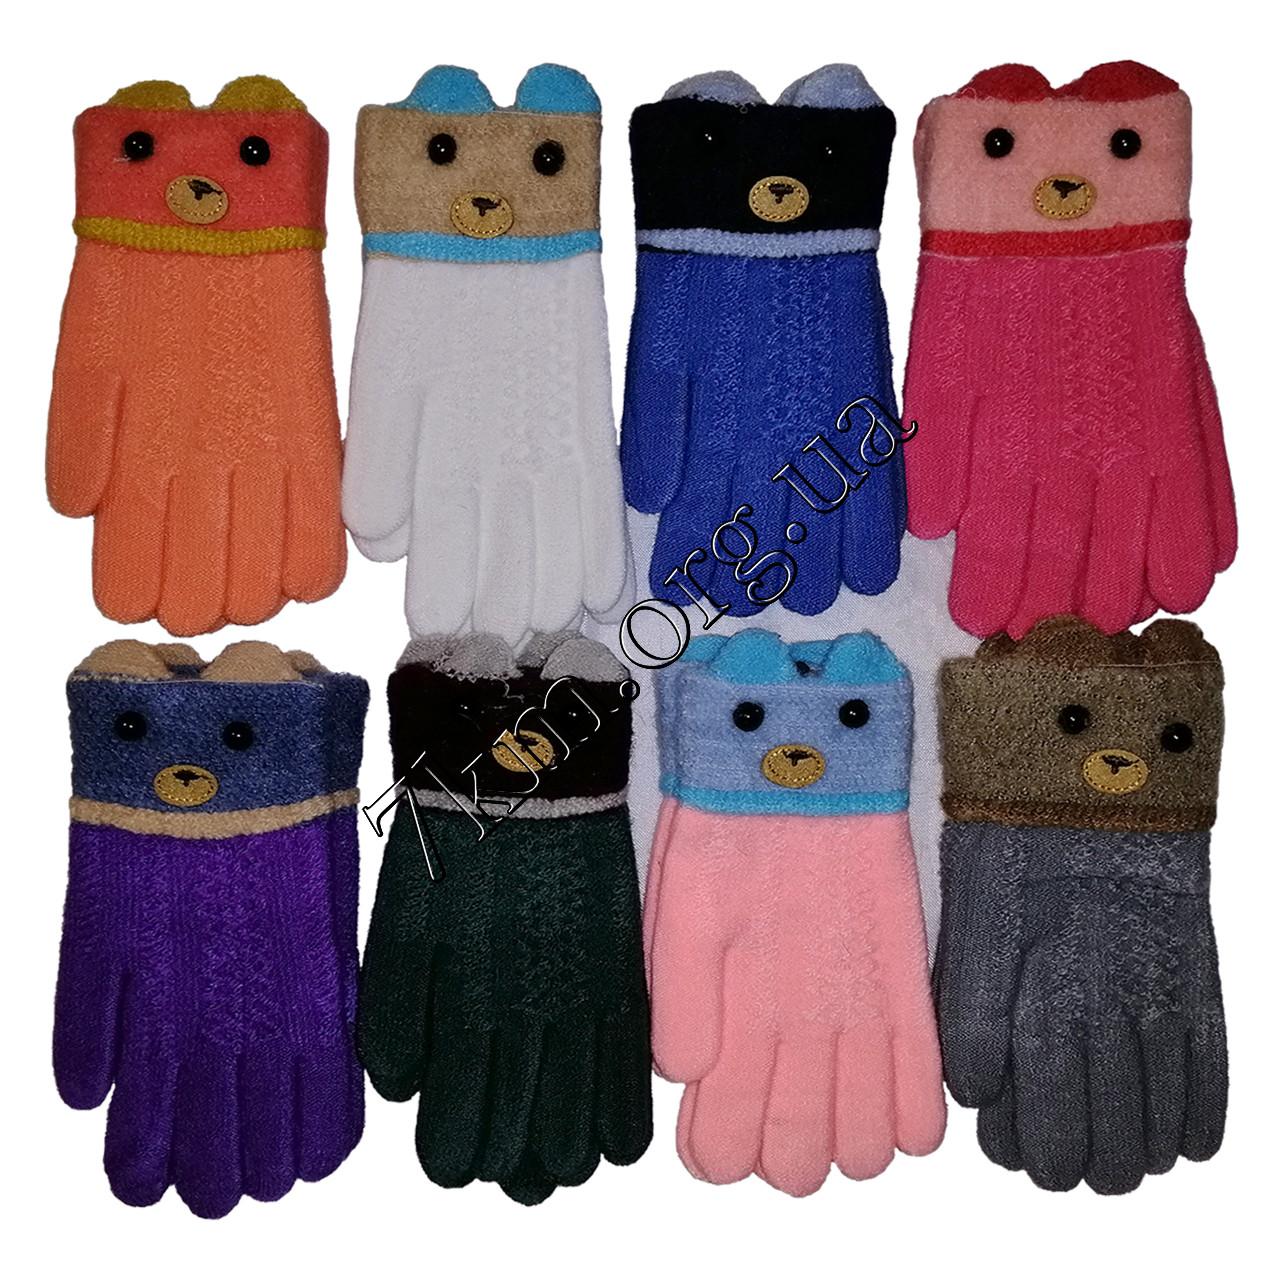 Перчатки детские одинарные +начес для девочек 4-6 лет Оптом 5629 S